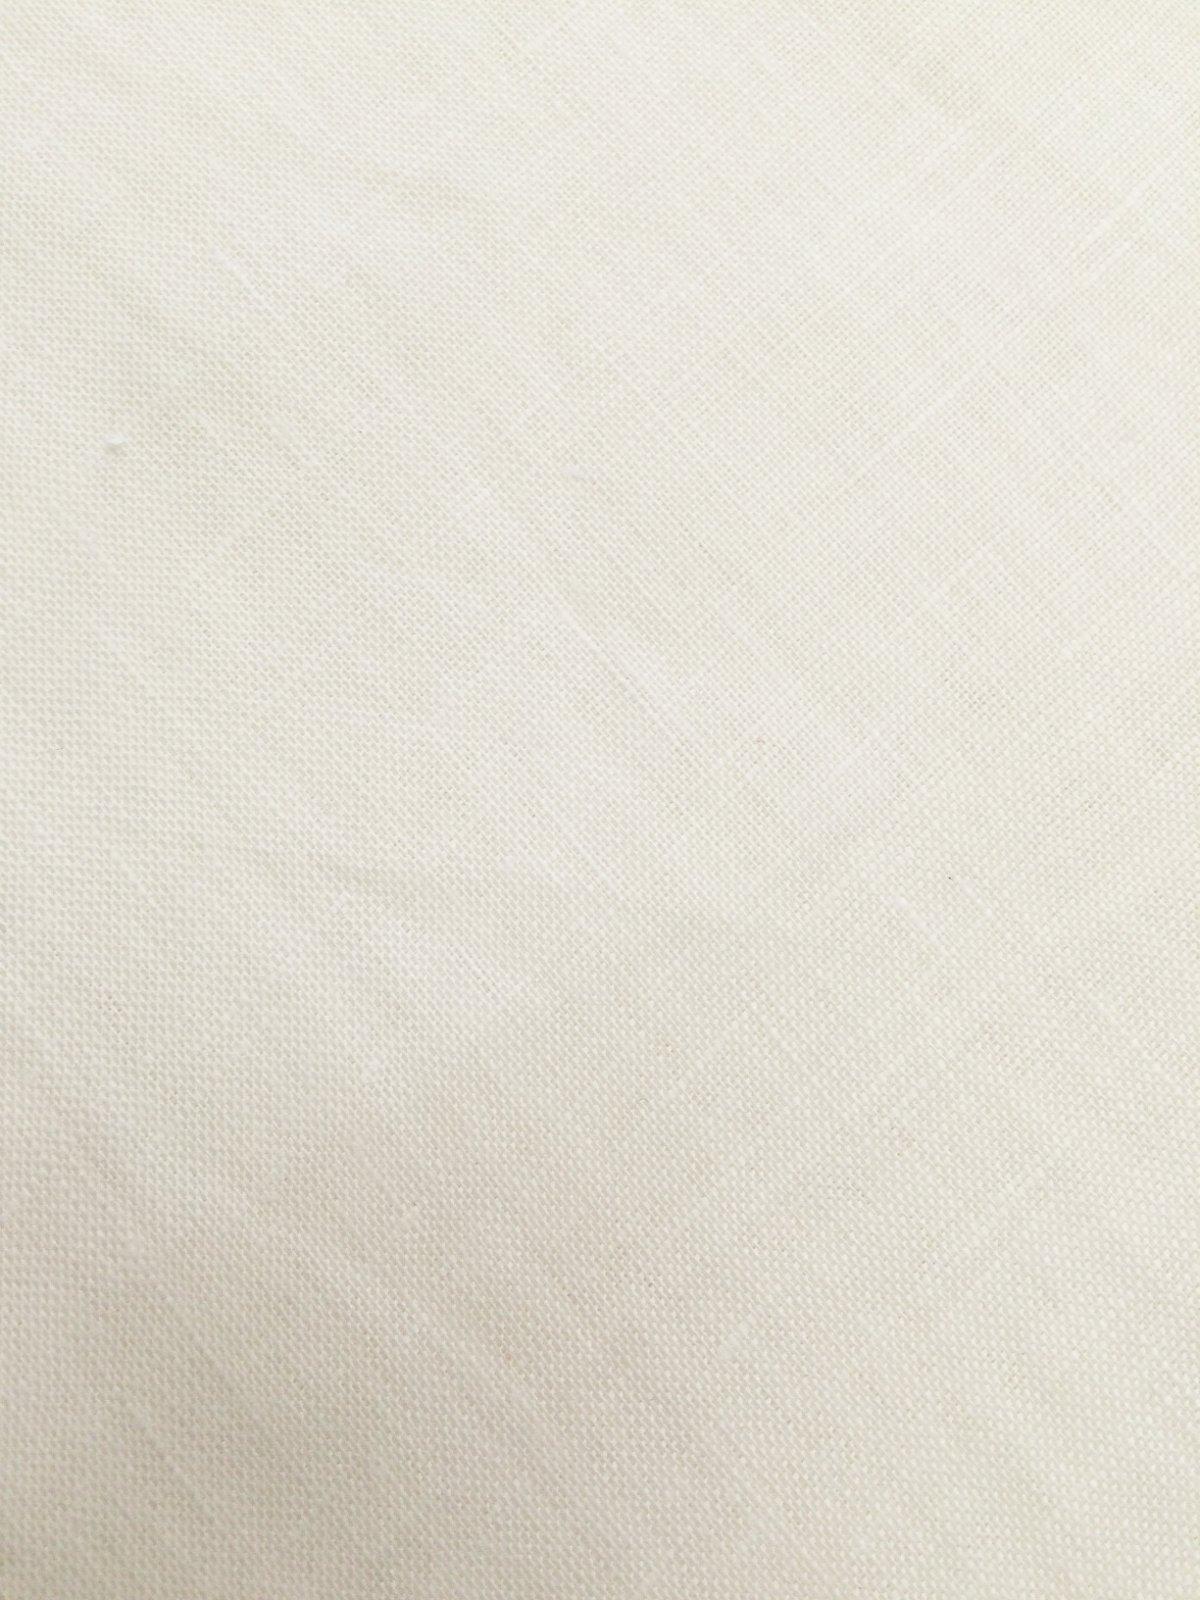 Belfast Best White Handkerchief Linen